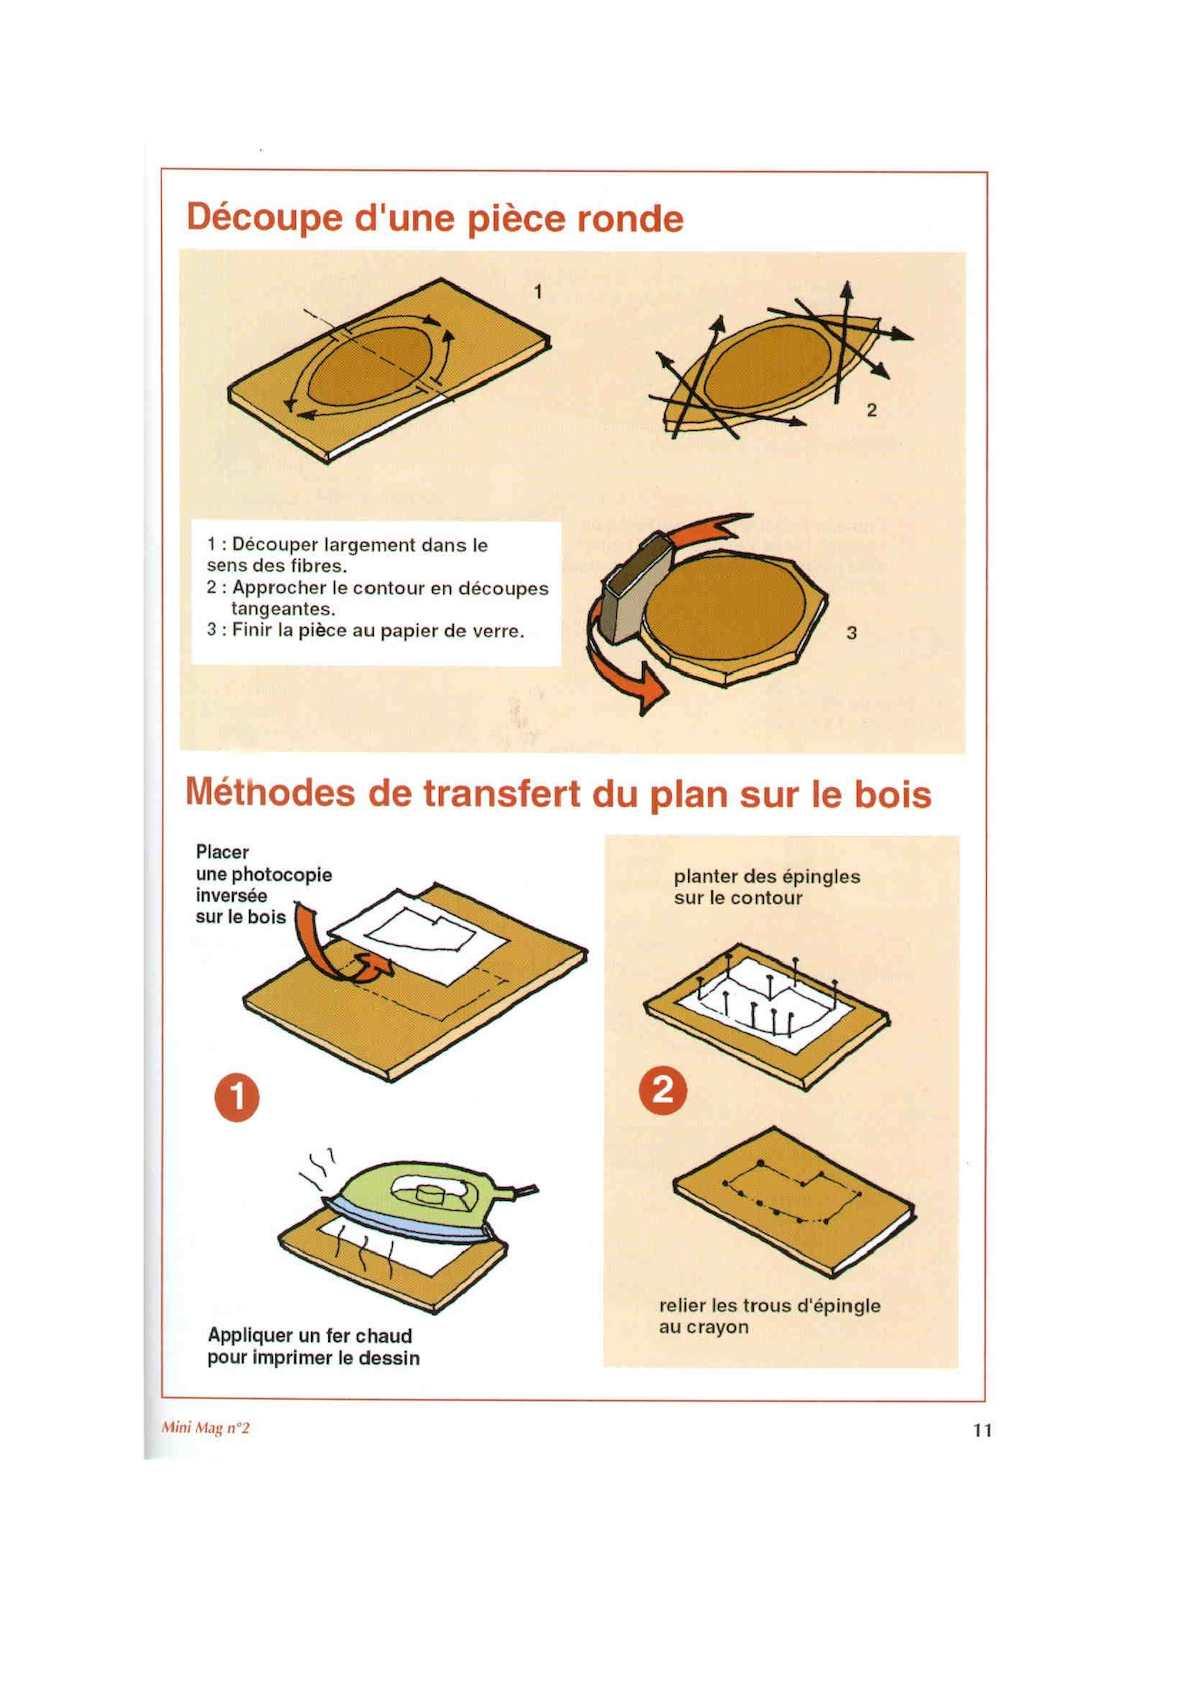 Transfert Photocopie Sur Bois construction avions - calameo downloader